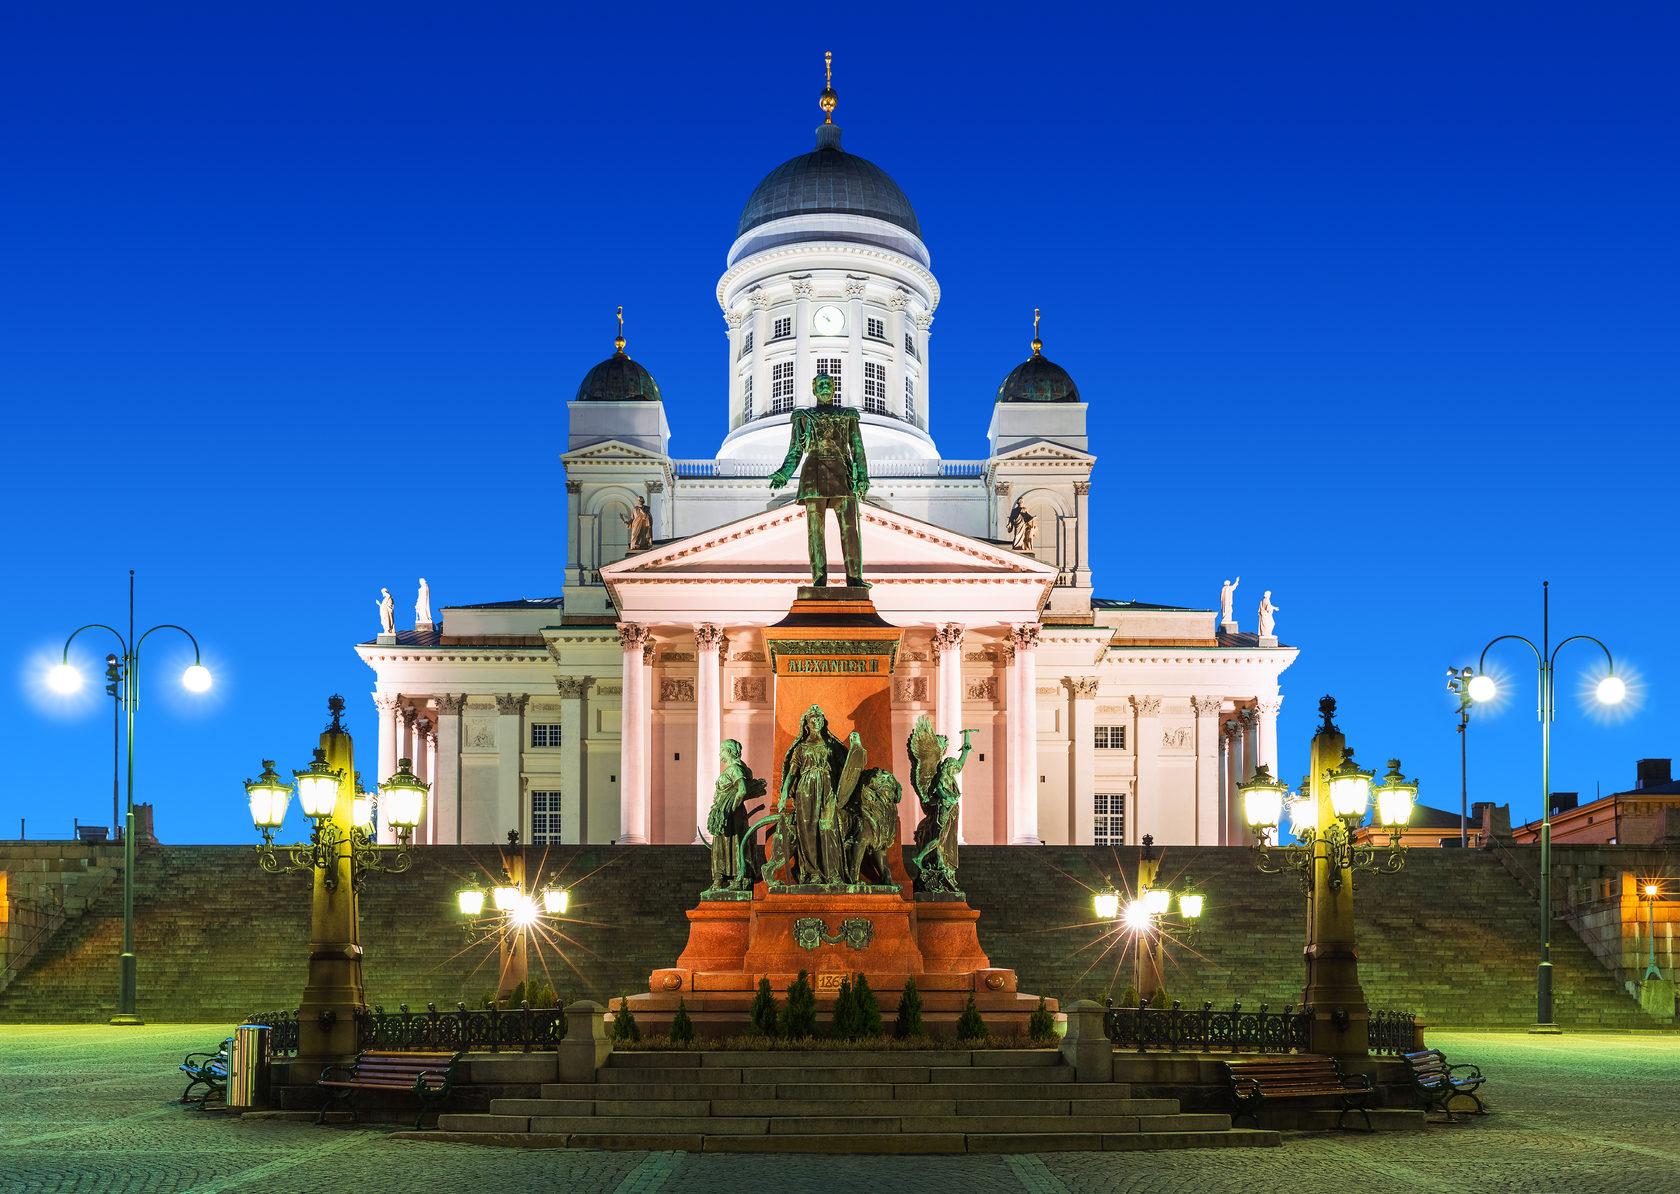 Достопримечательности Хельсинки | Топ-5 главных достопримечательностей Хельсинки